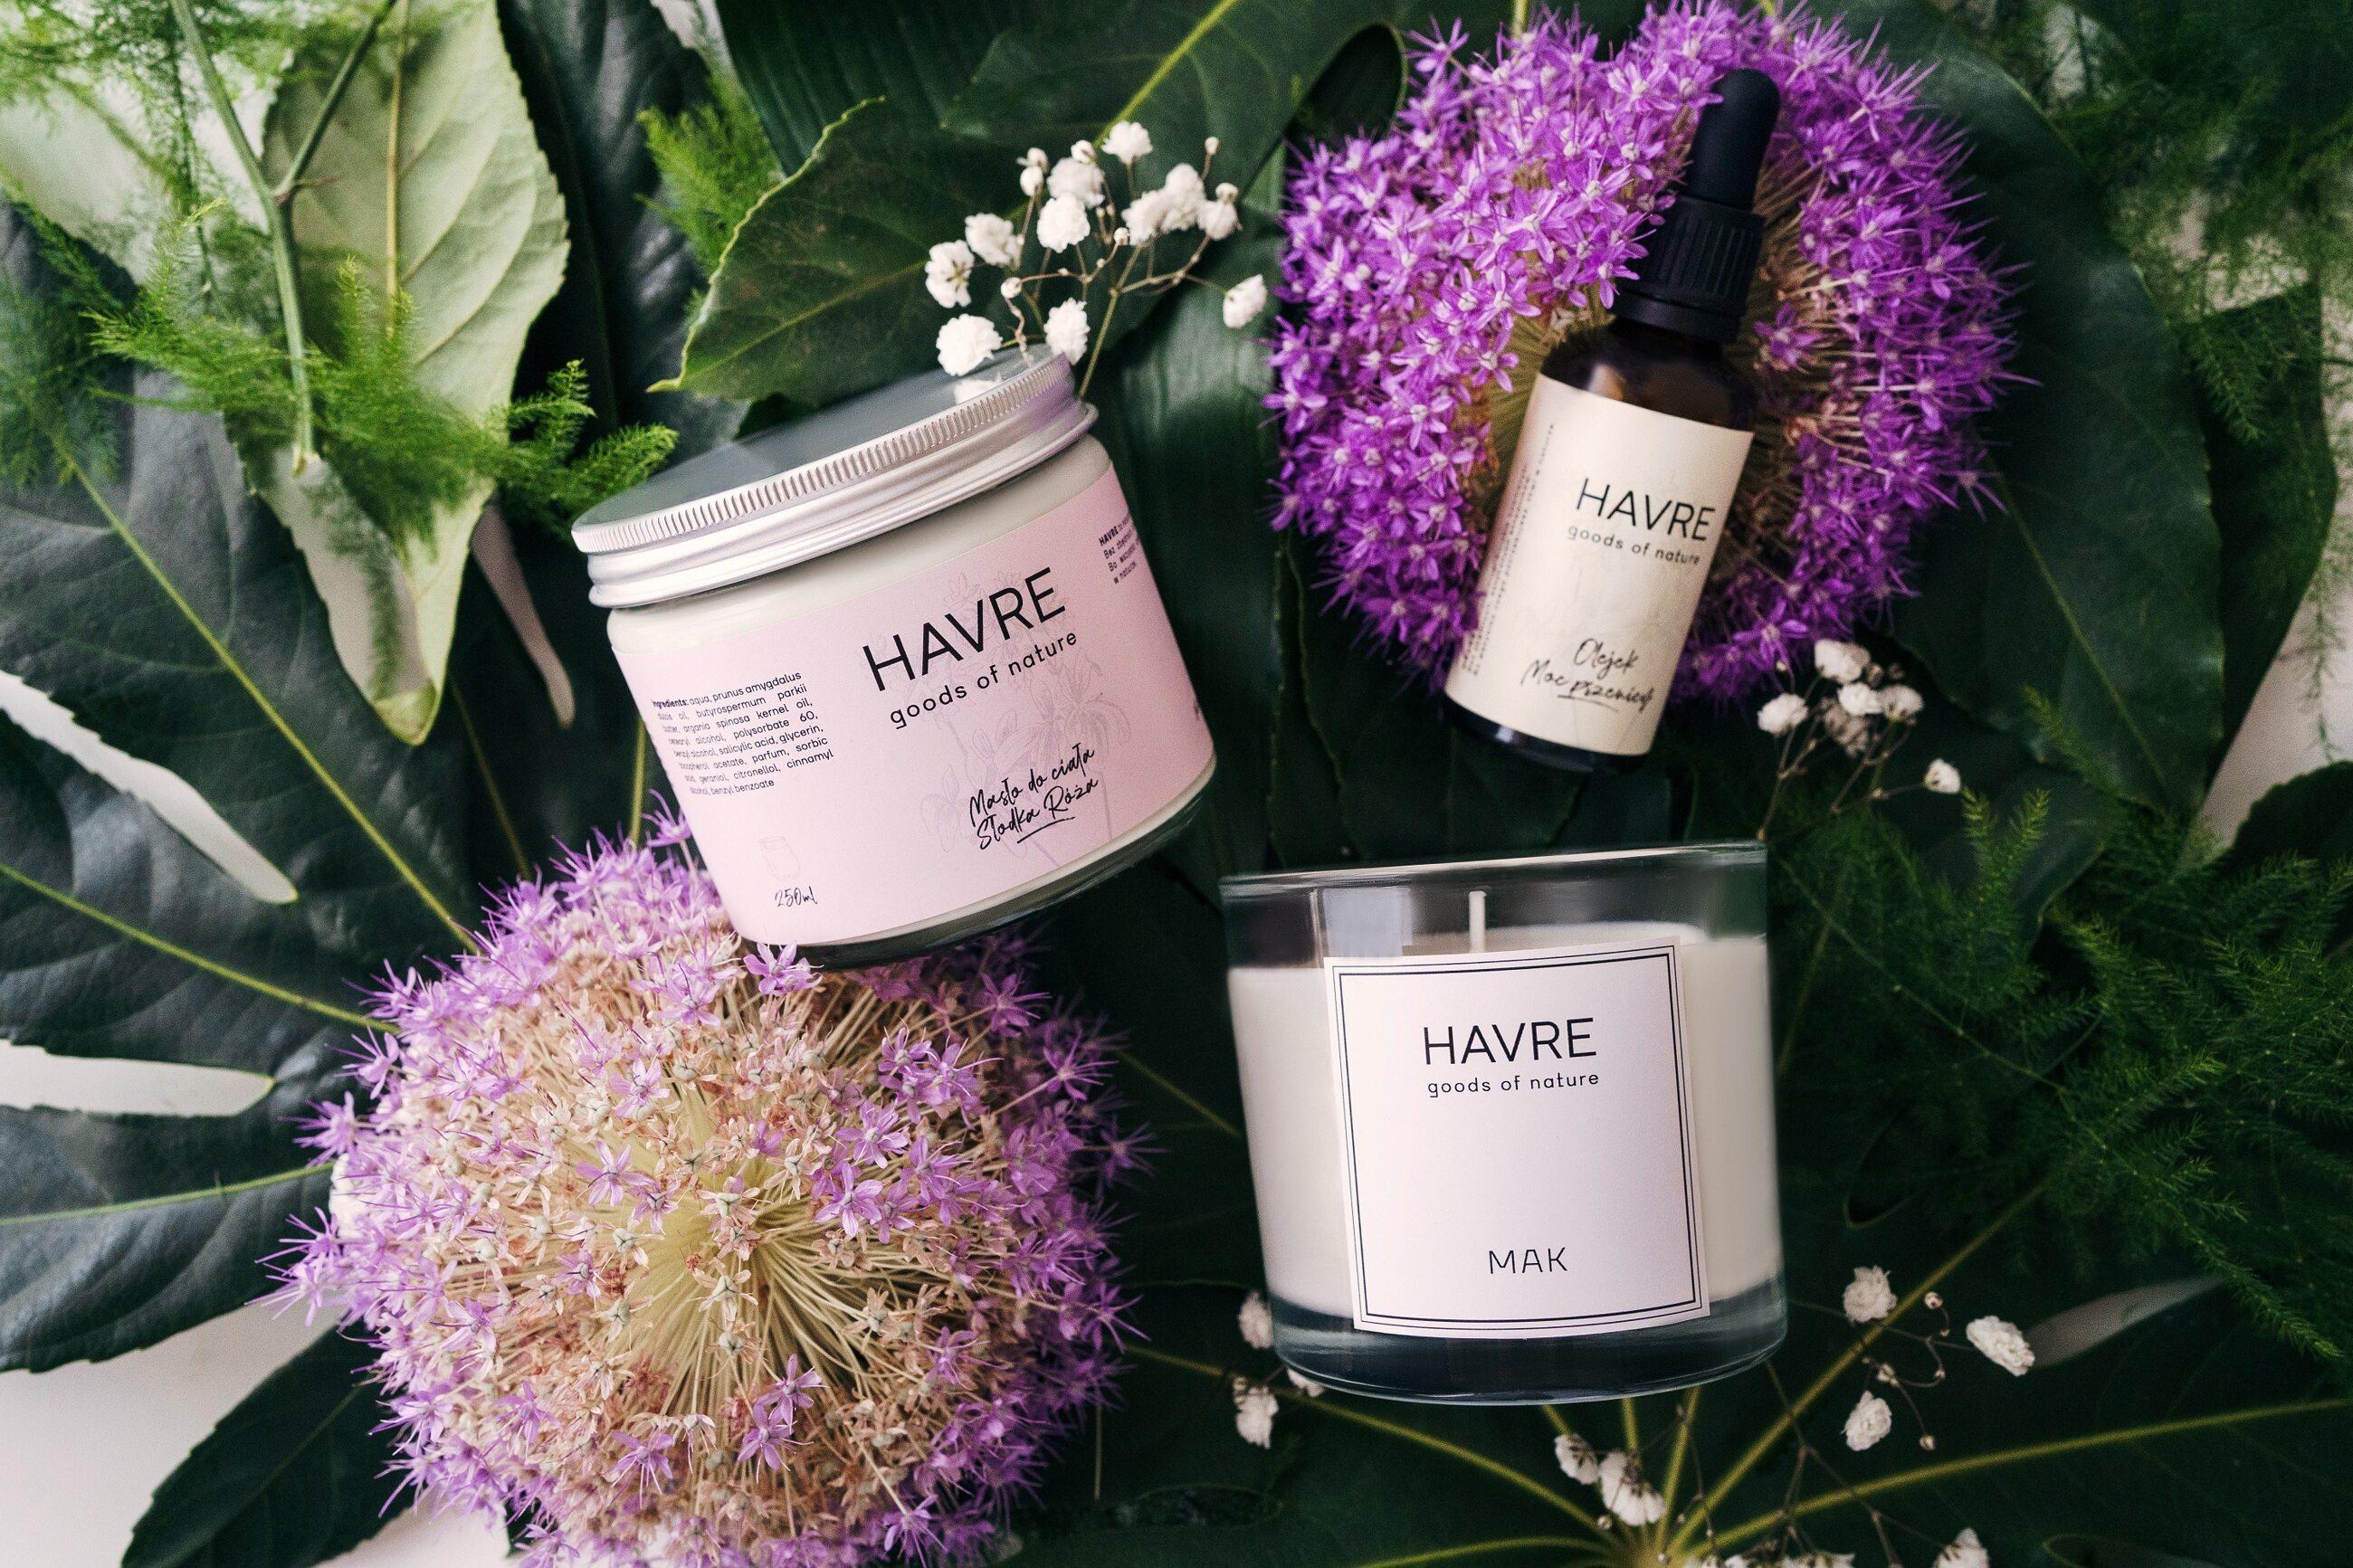 Havre Cosmetics